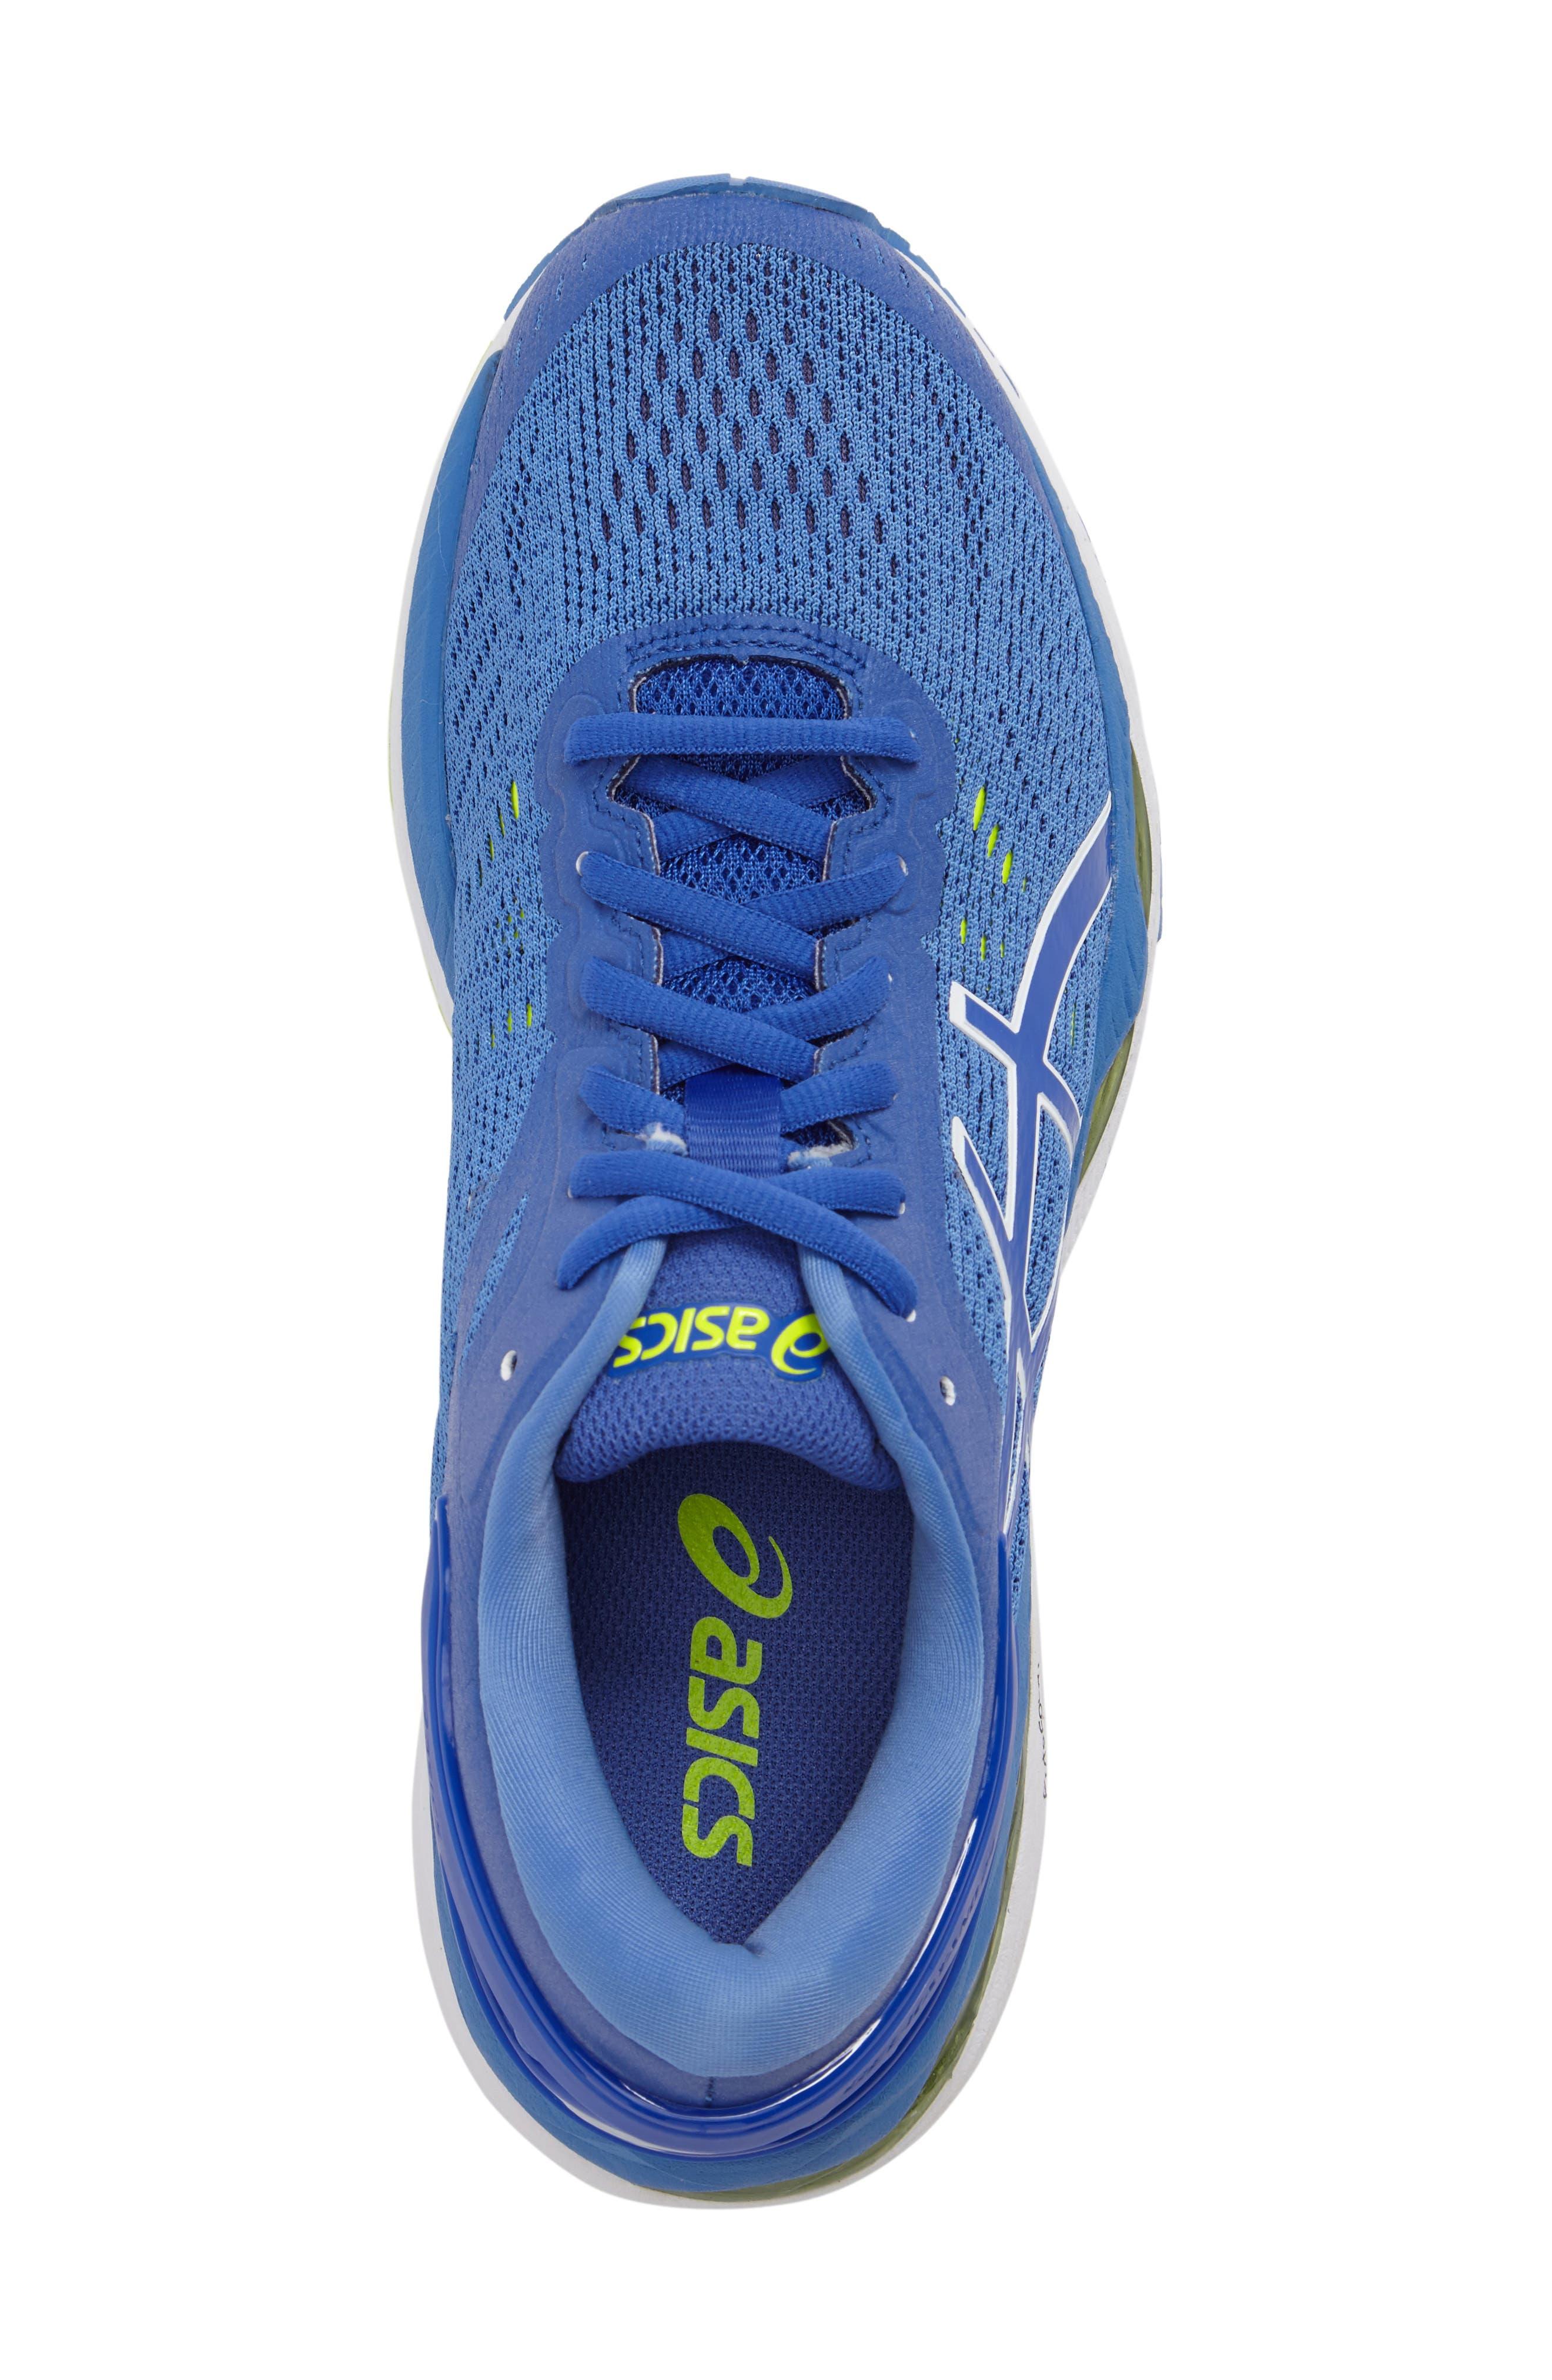 GEL-Kayano<sup>®</sup> 24 Running Shoe,                             Alternate thumbnail 5, color,                             Blue Purple/ Regatta/ White